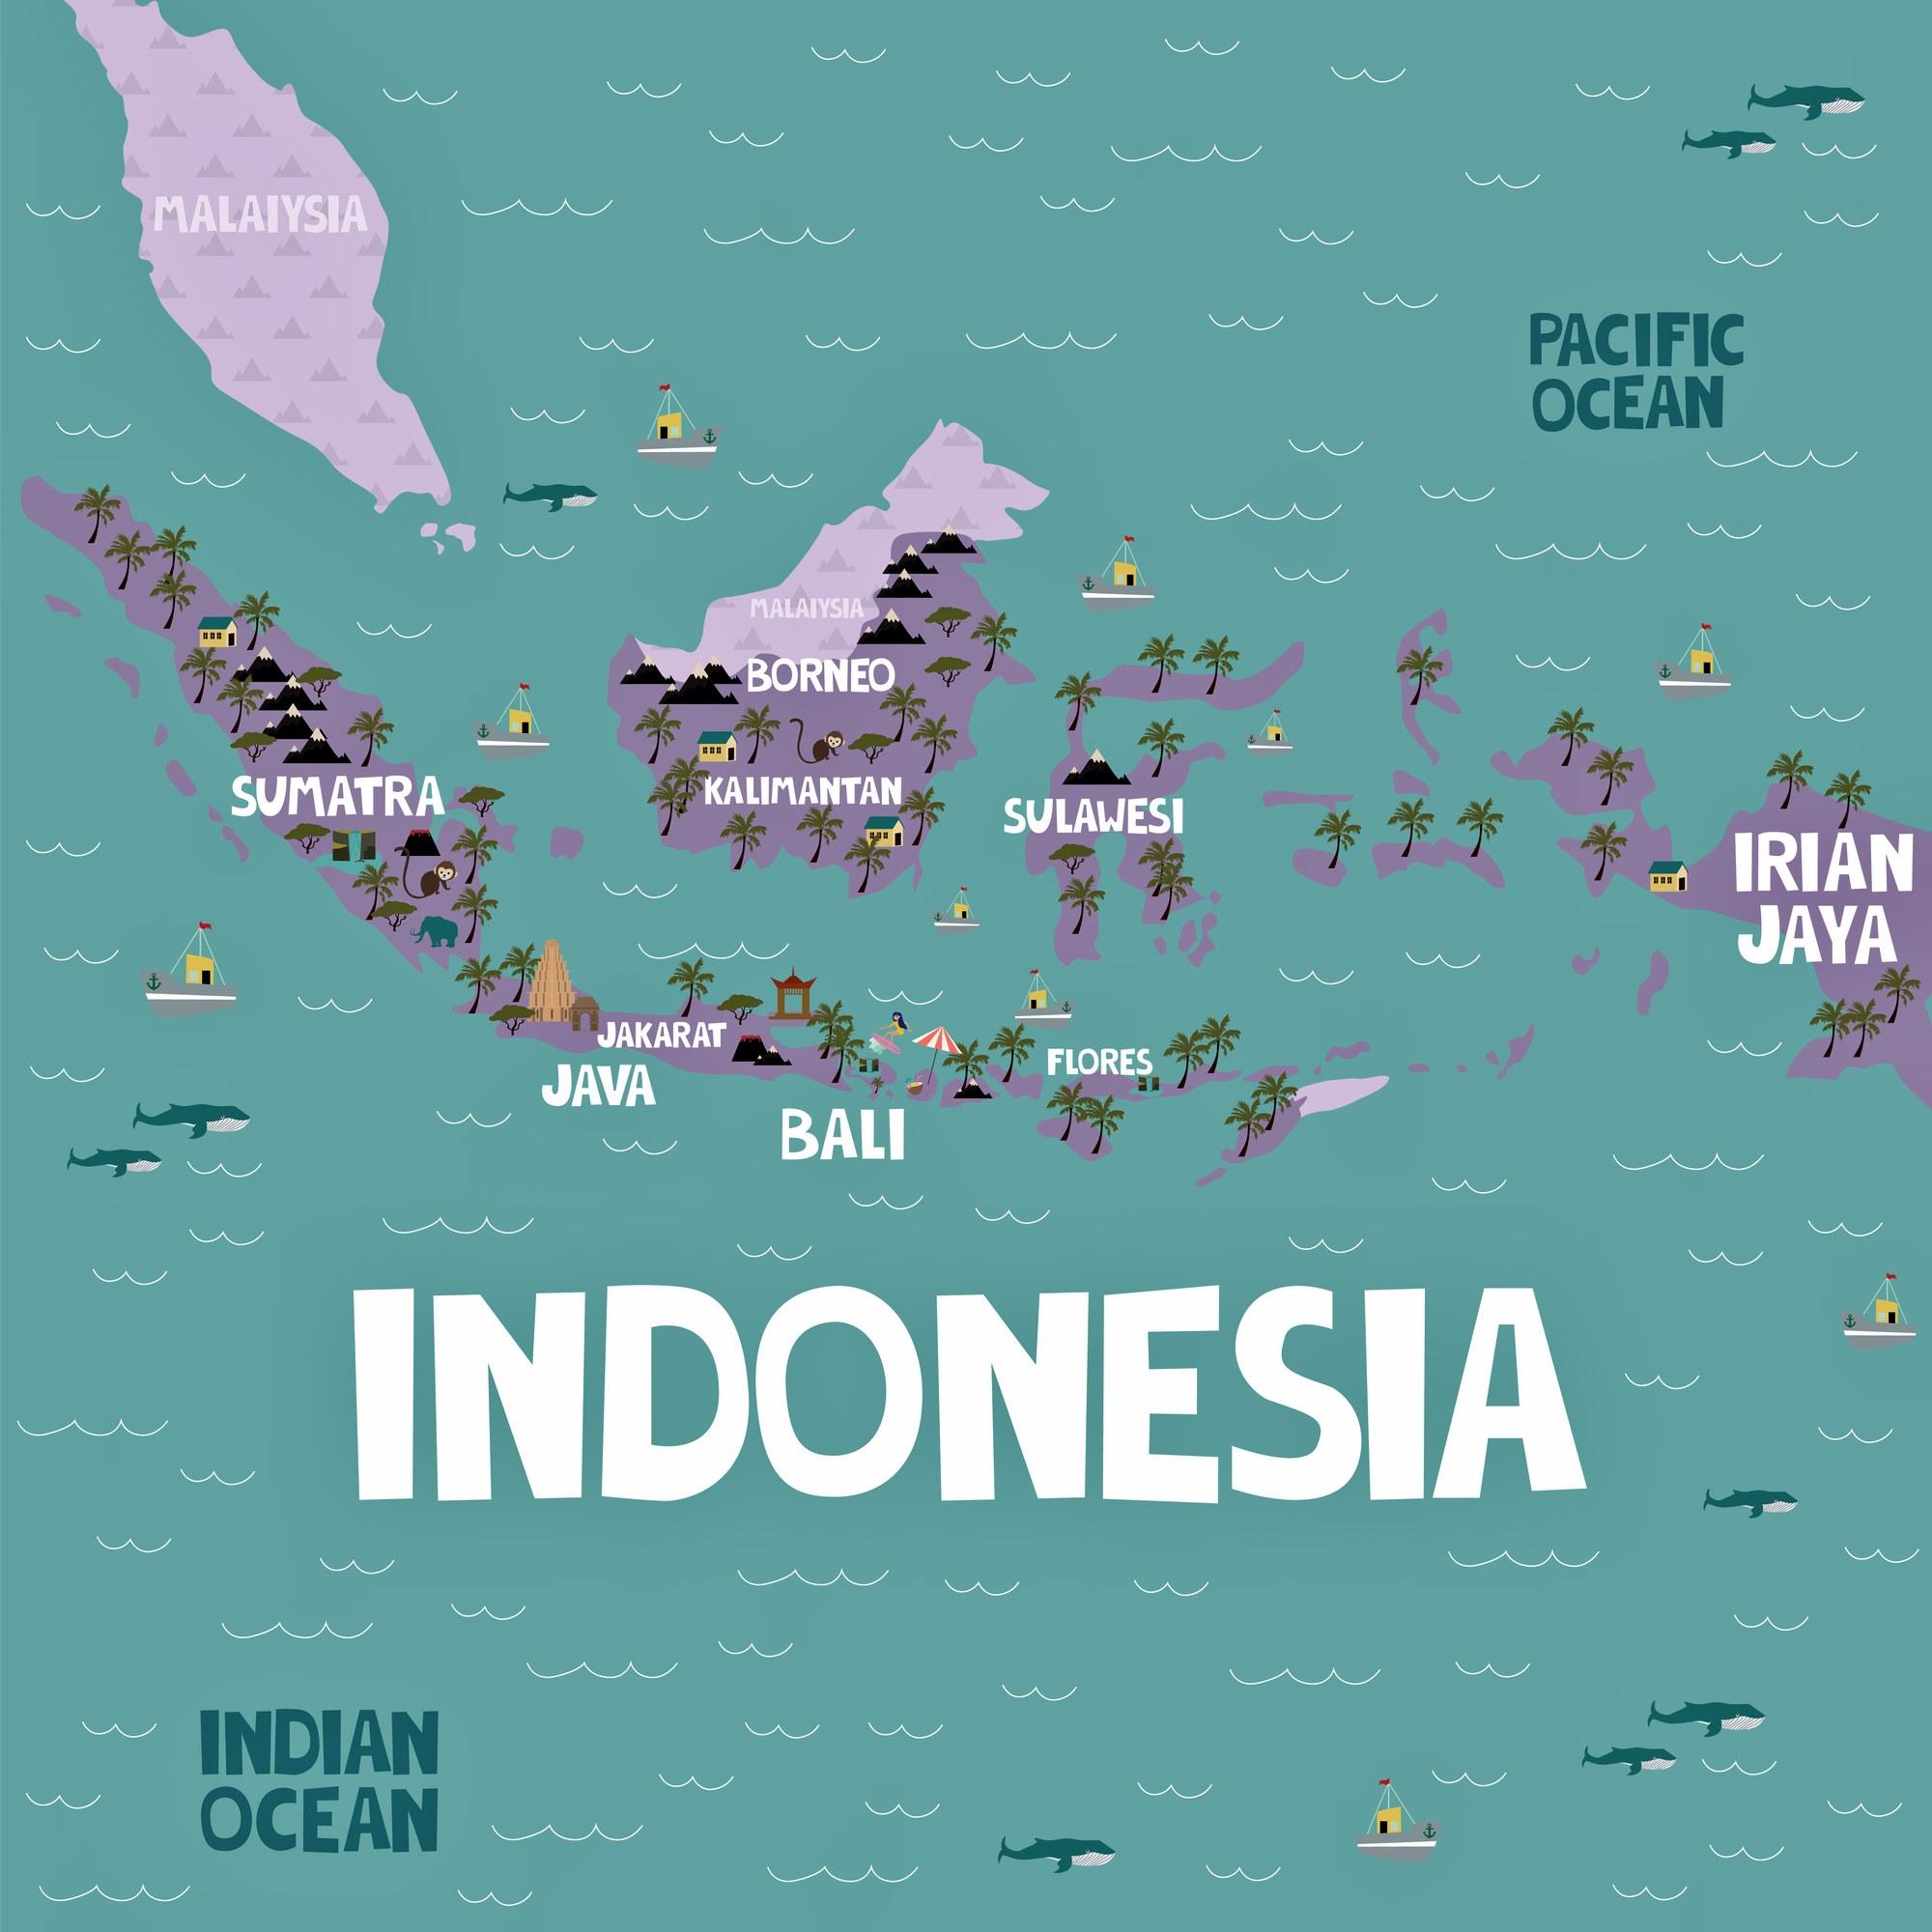 indonesien sehenswürdigkeiten karte Indonesien Karte der wichtigsten Sehenswürdigkeiten   OrangeSmile.com